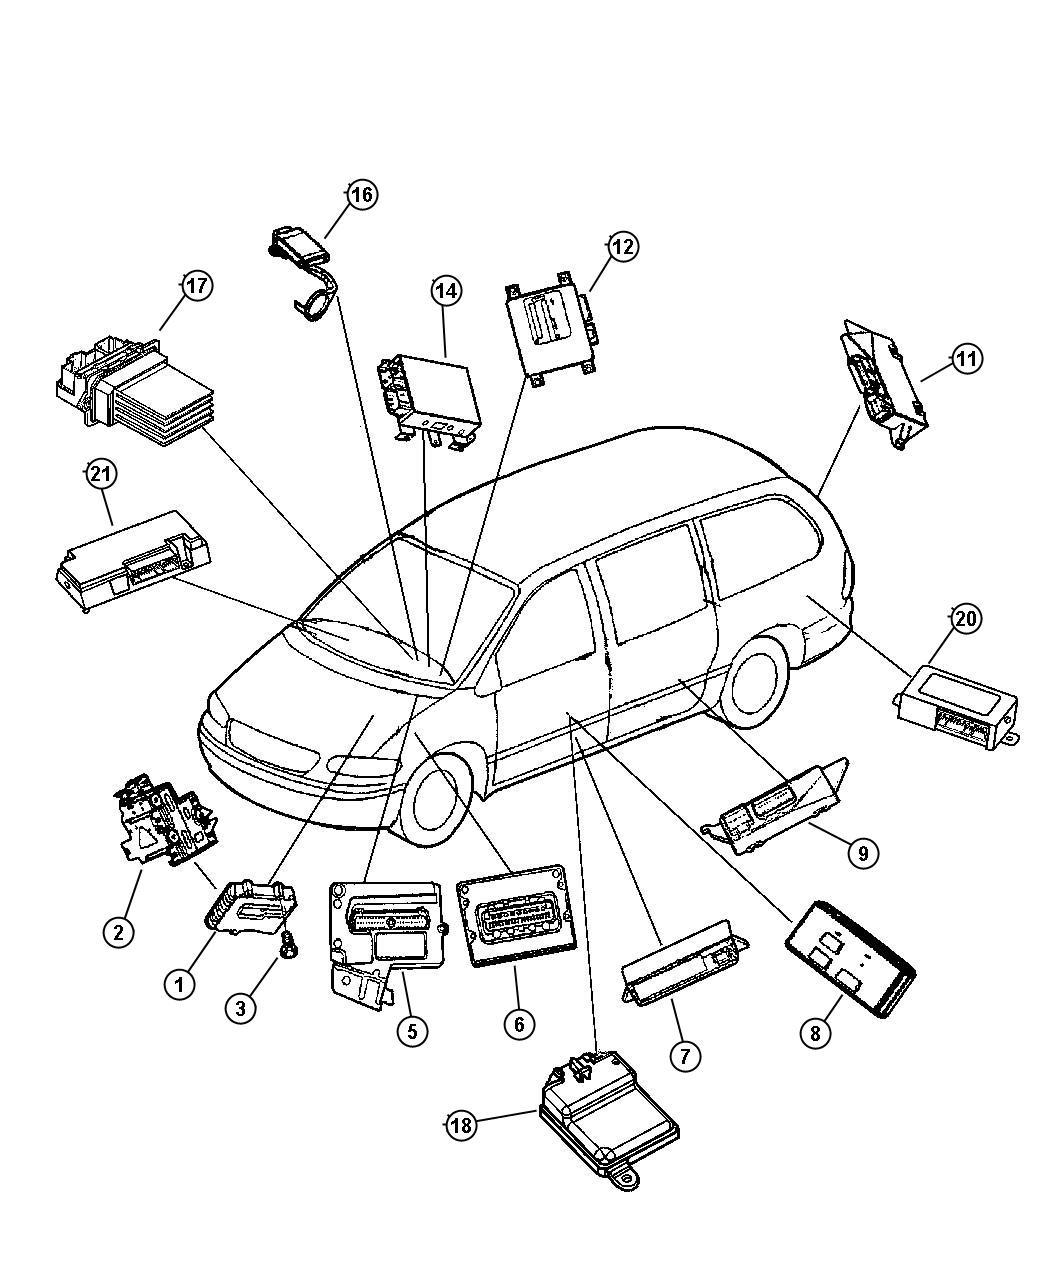 corrado radio wiring diagram